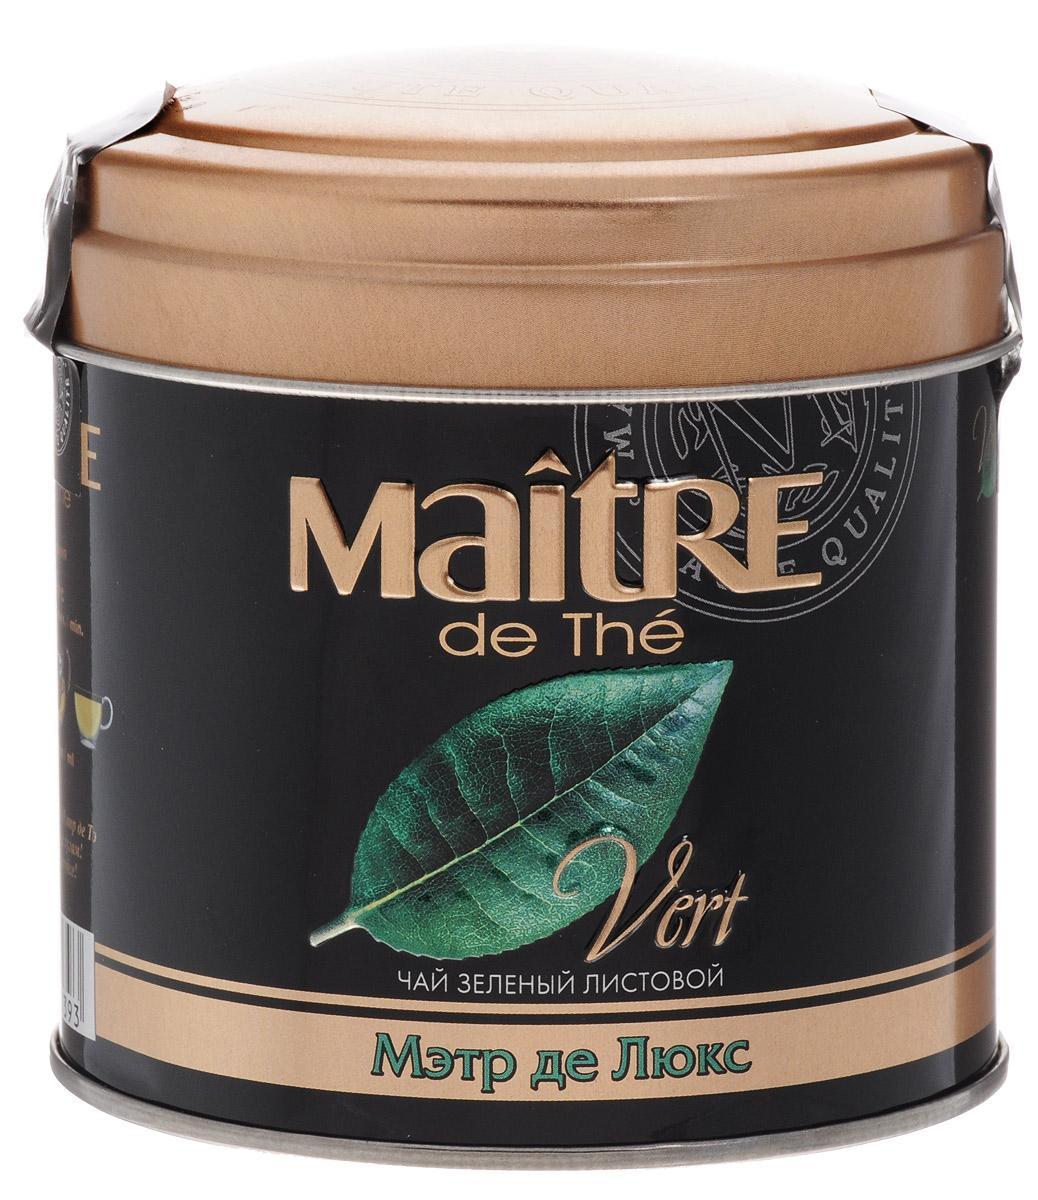 Maitre de The Де Люкс зеленый листовой чай, 65 г (жестяная банка) maitre сахар леденцовый кристаллический прозрачный 800 г